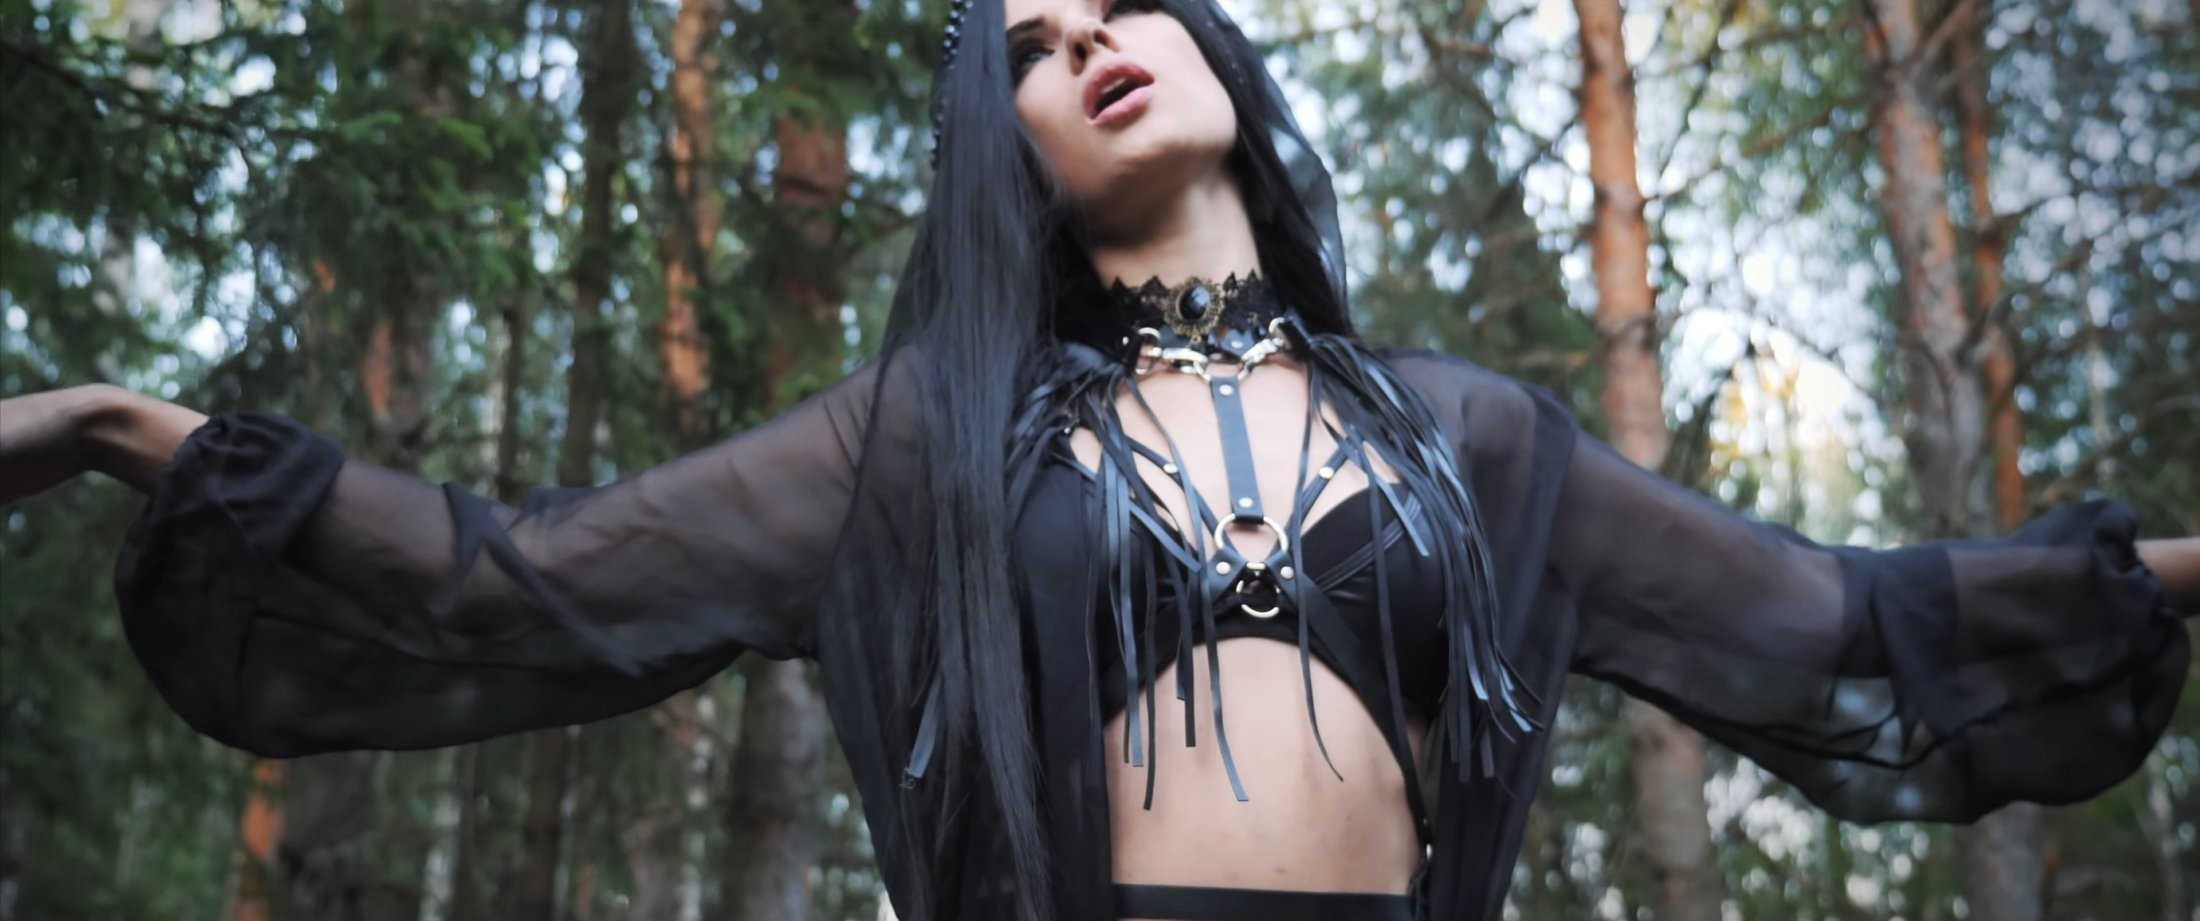 OMNIMAR - Feels Like Velvet (Official Video) 0-22 Screenshot